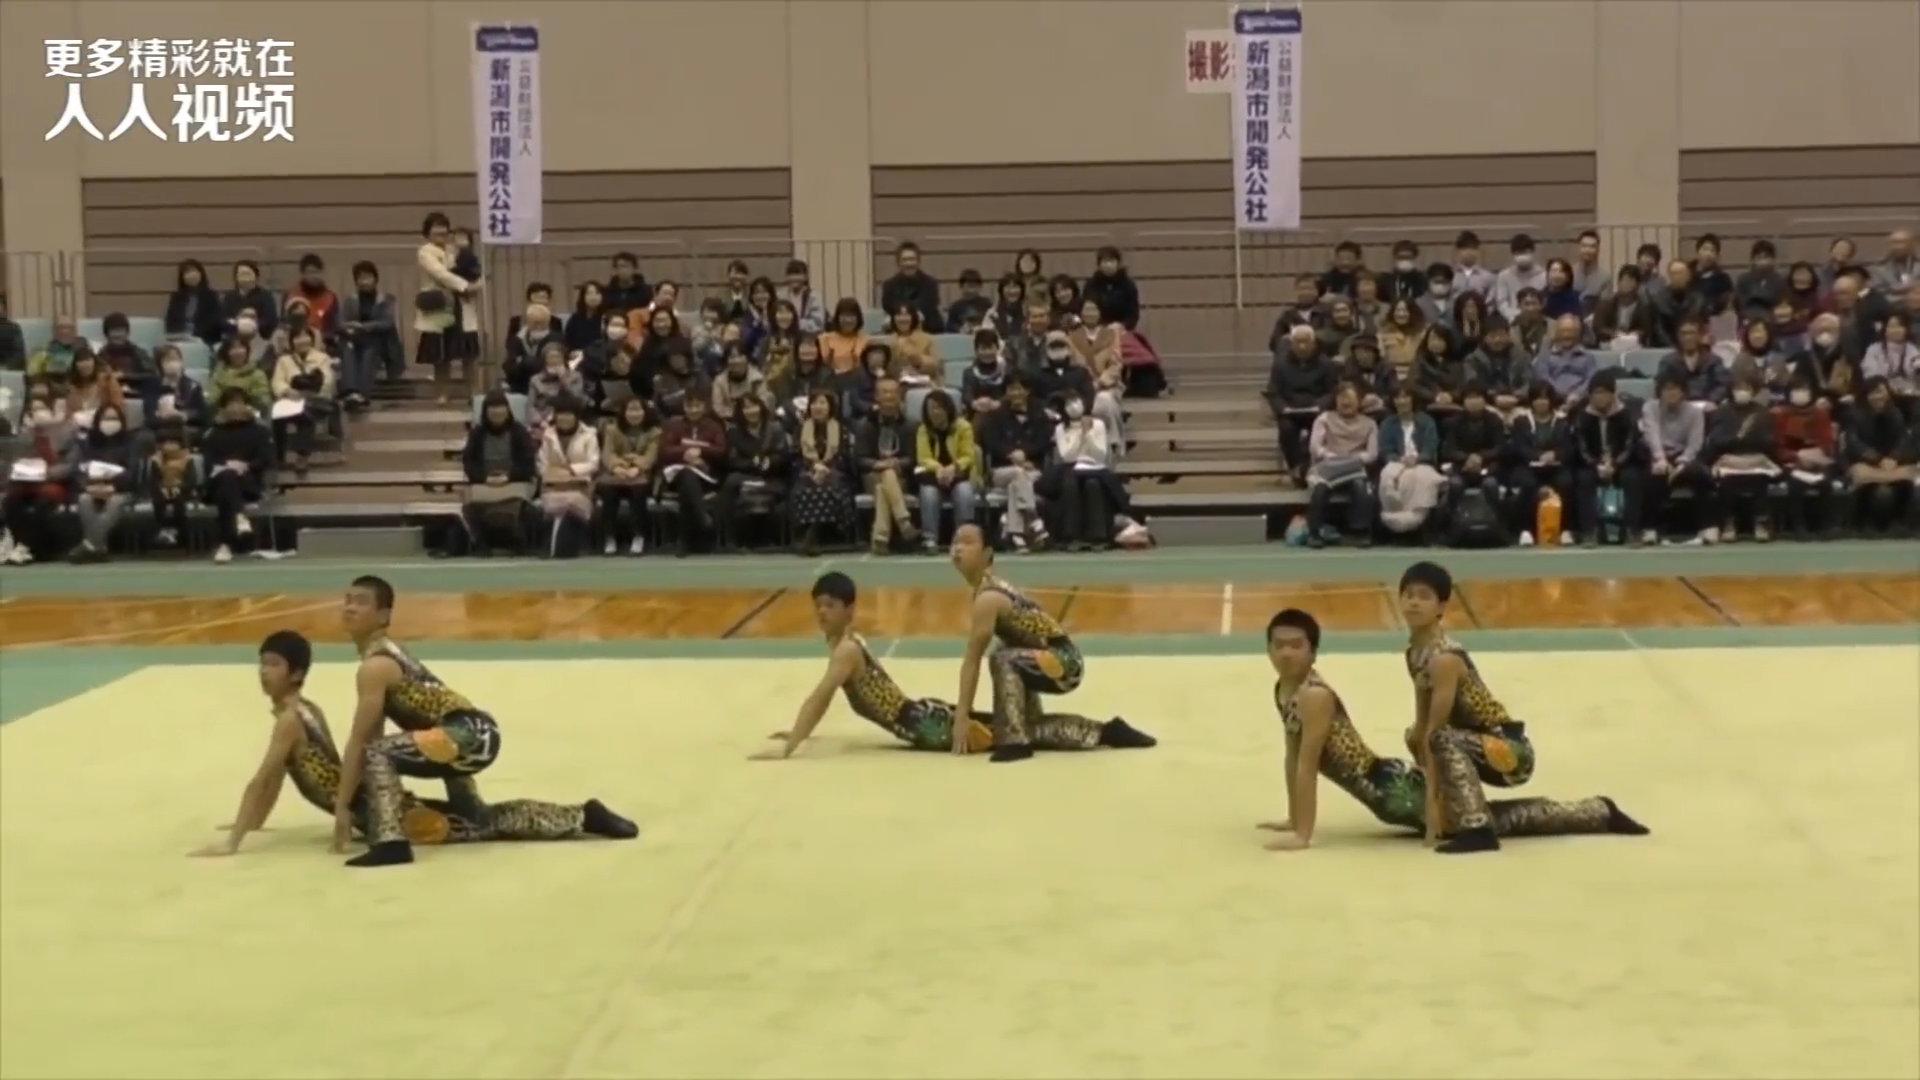 超厉害又爆笑的日本男高体操!实力演绎PPAP,也太有才了!